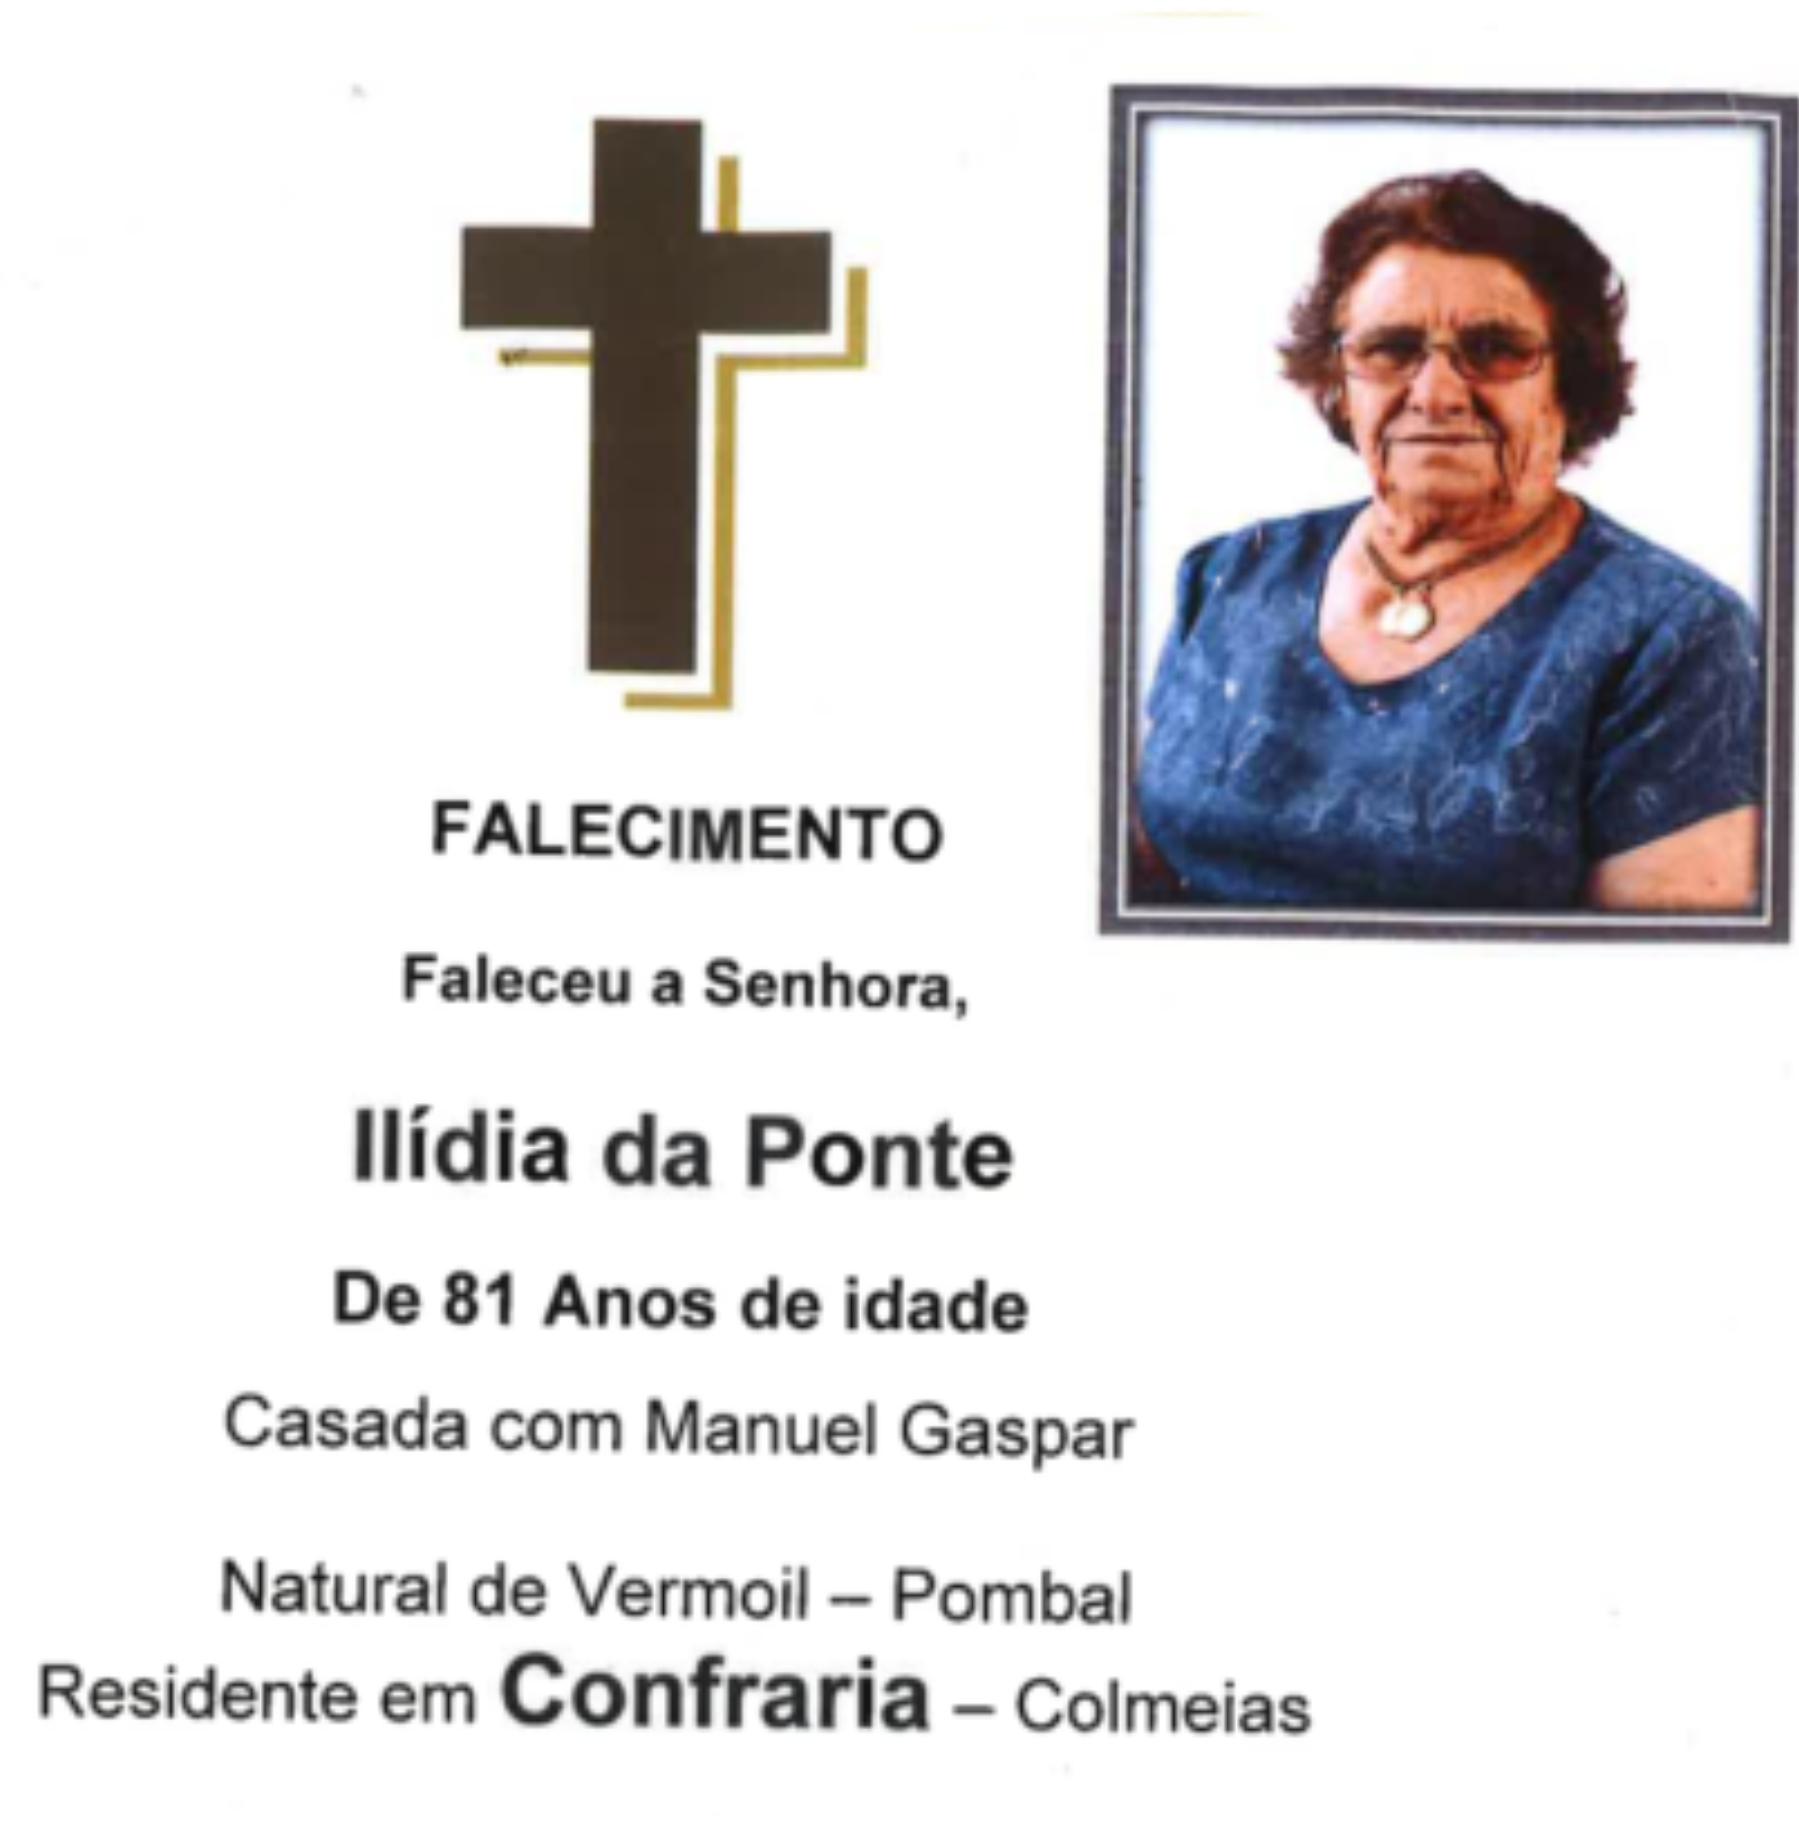 02-08-20 - Ilídia da Ponte - Confraria